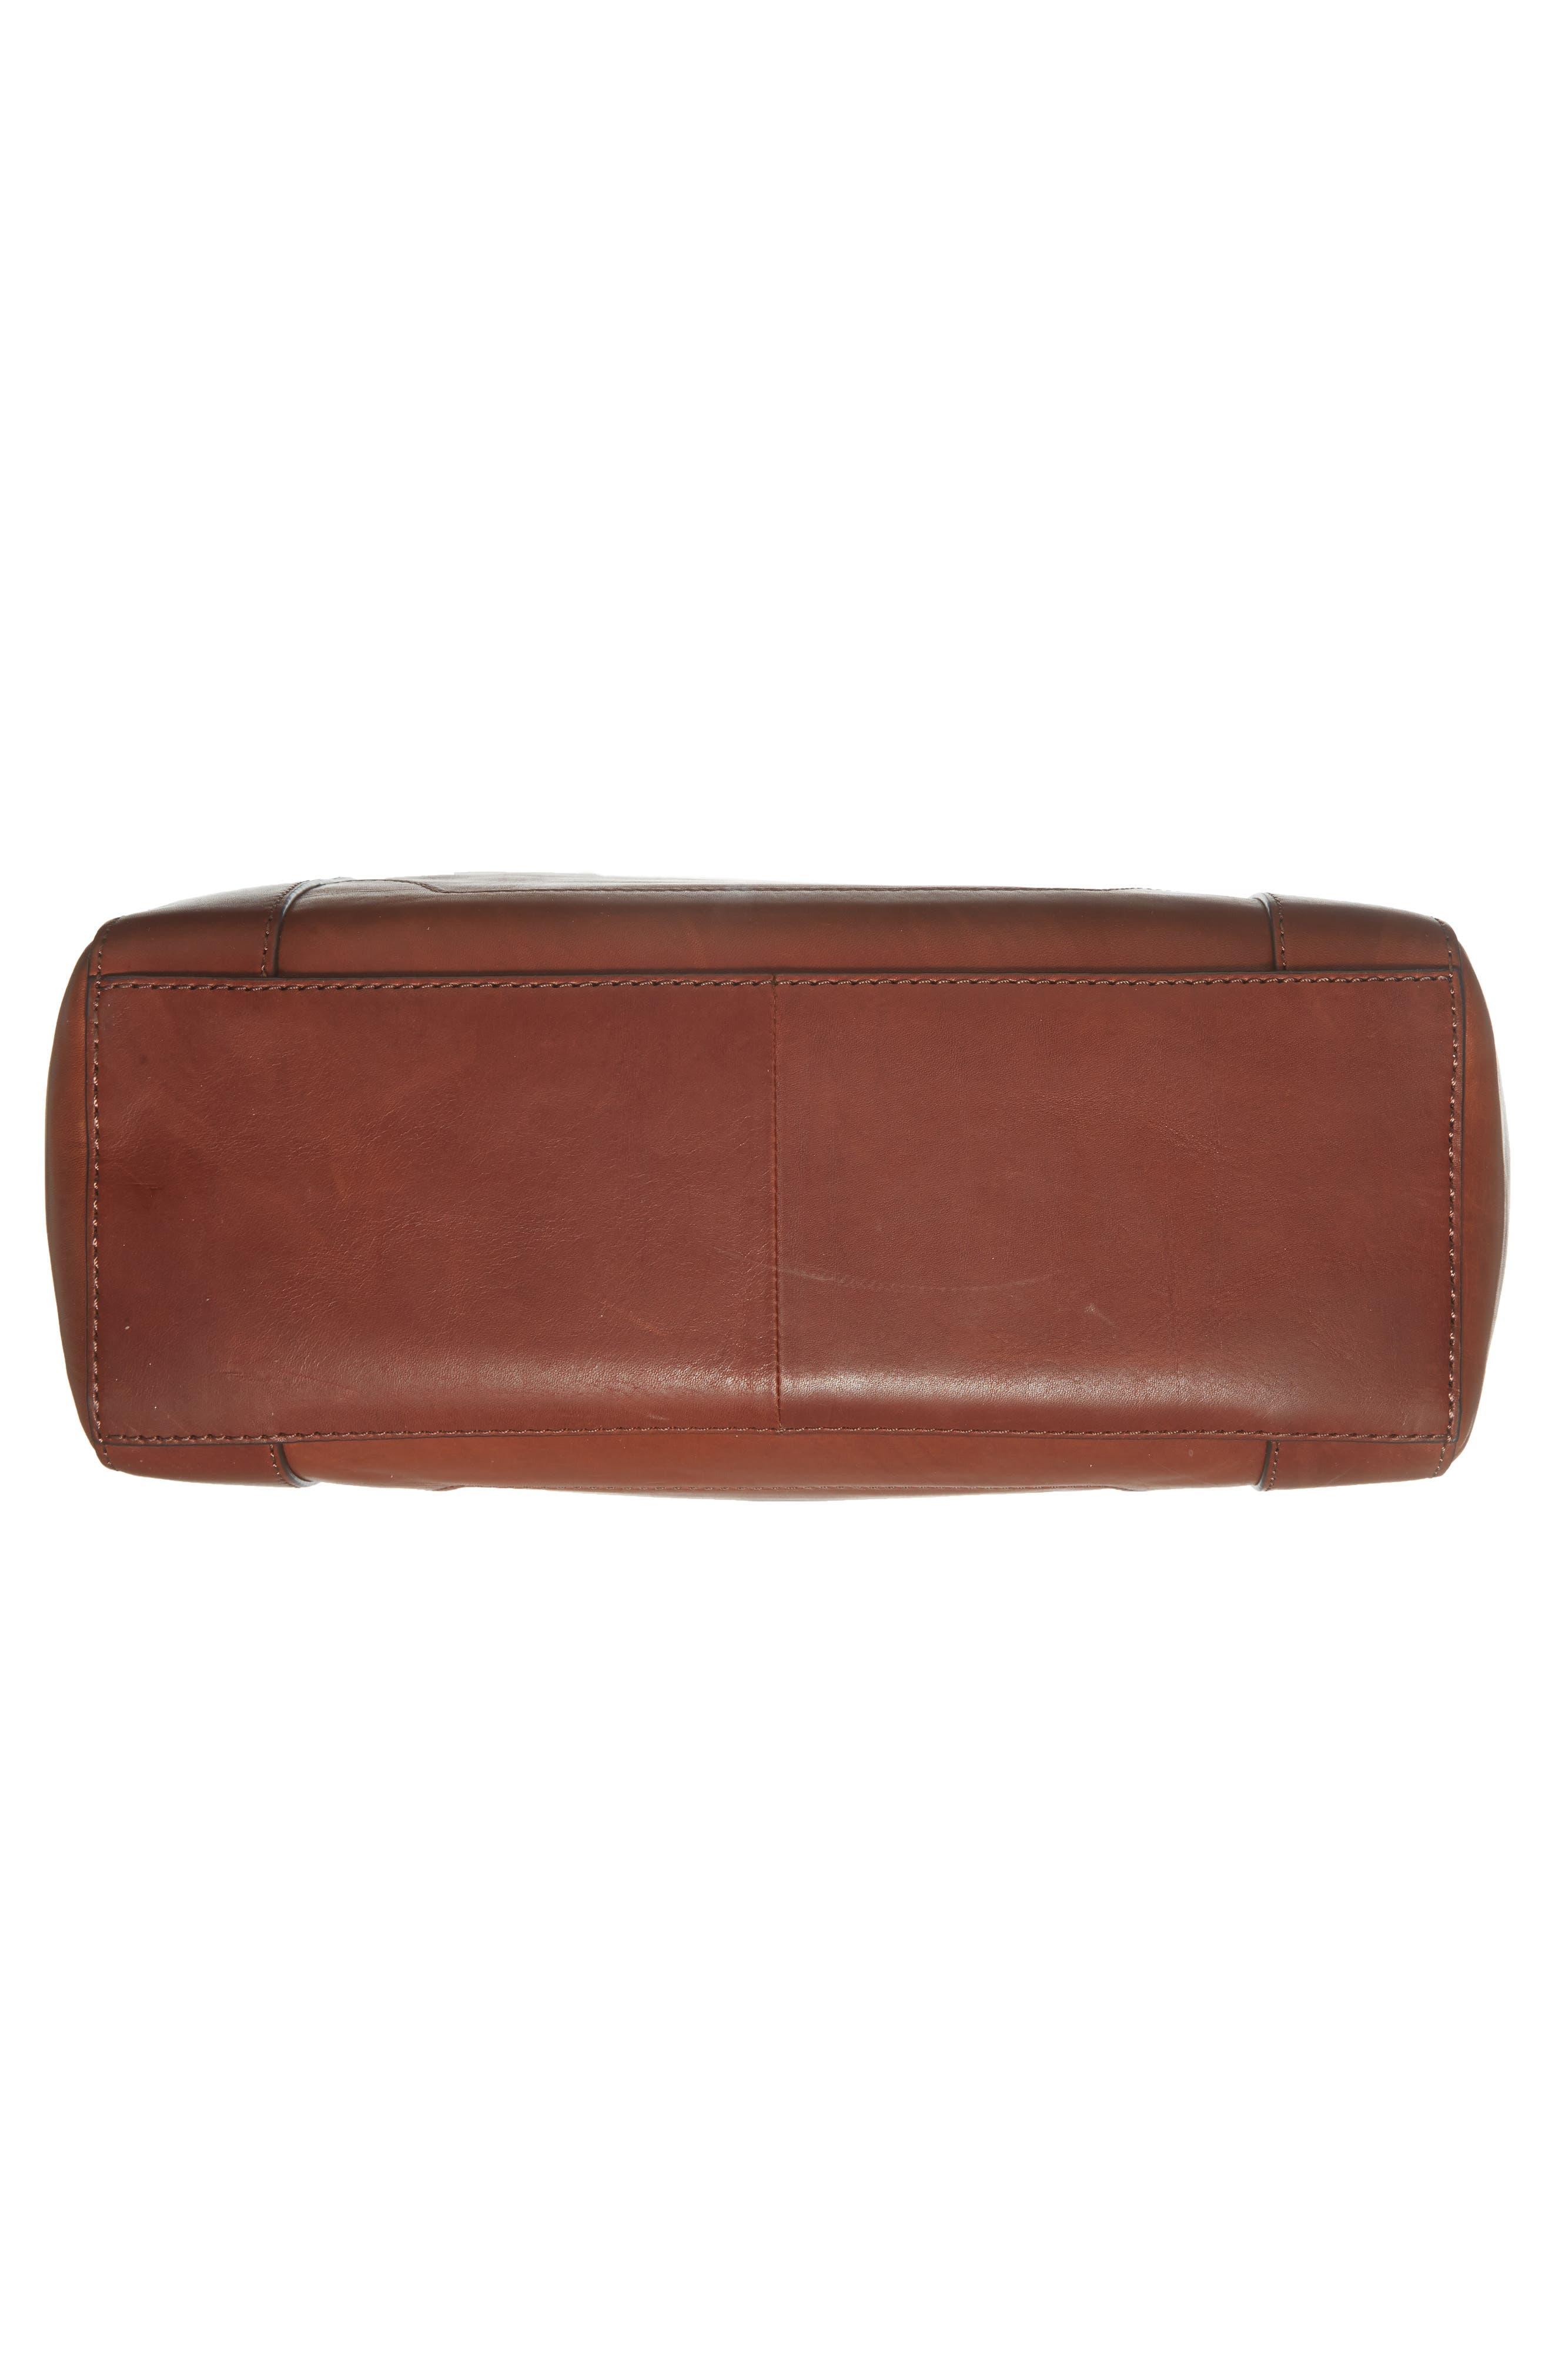 Melissa Leather Shoulder Bag,                             Alternate thumbnail 17, color,